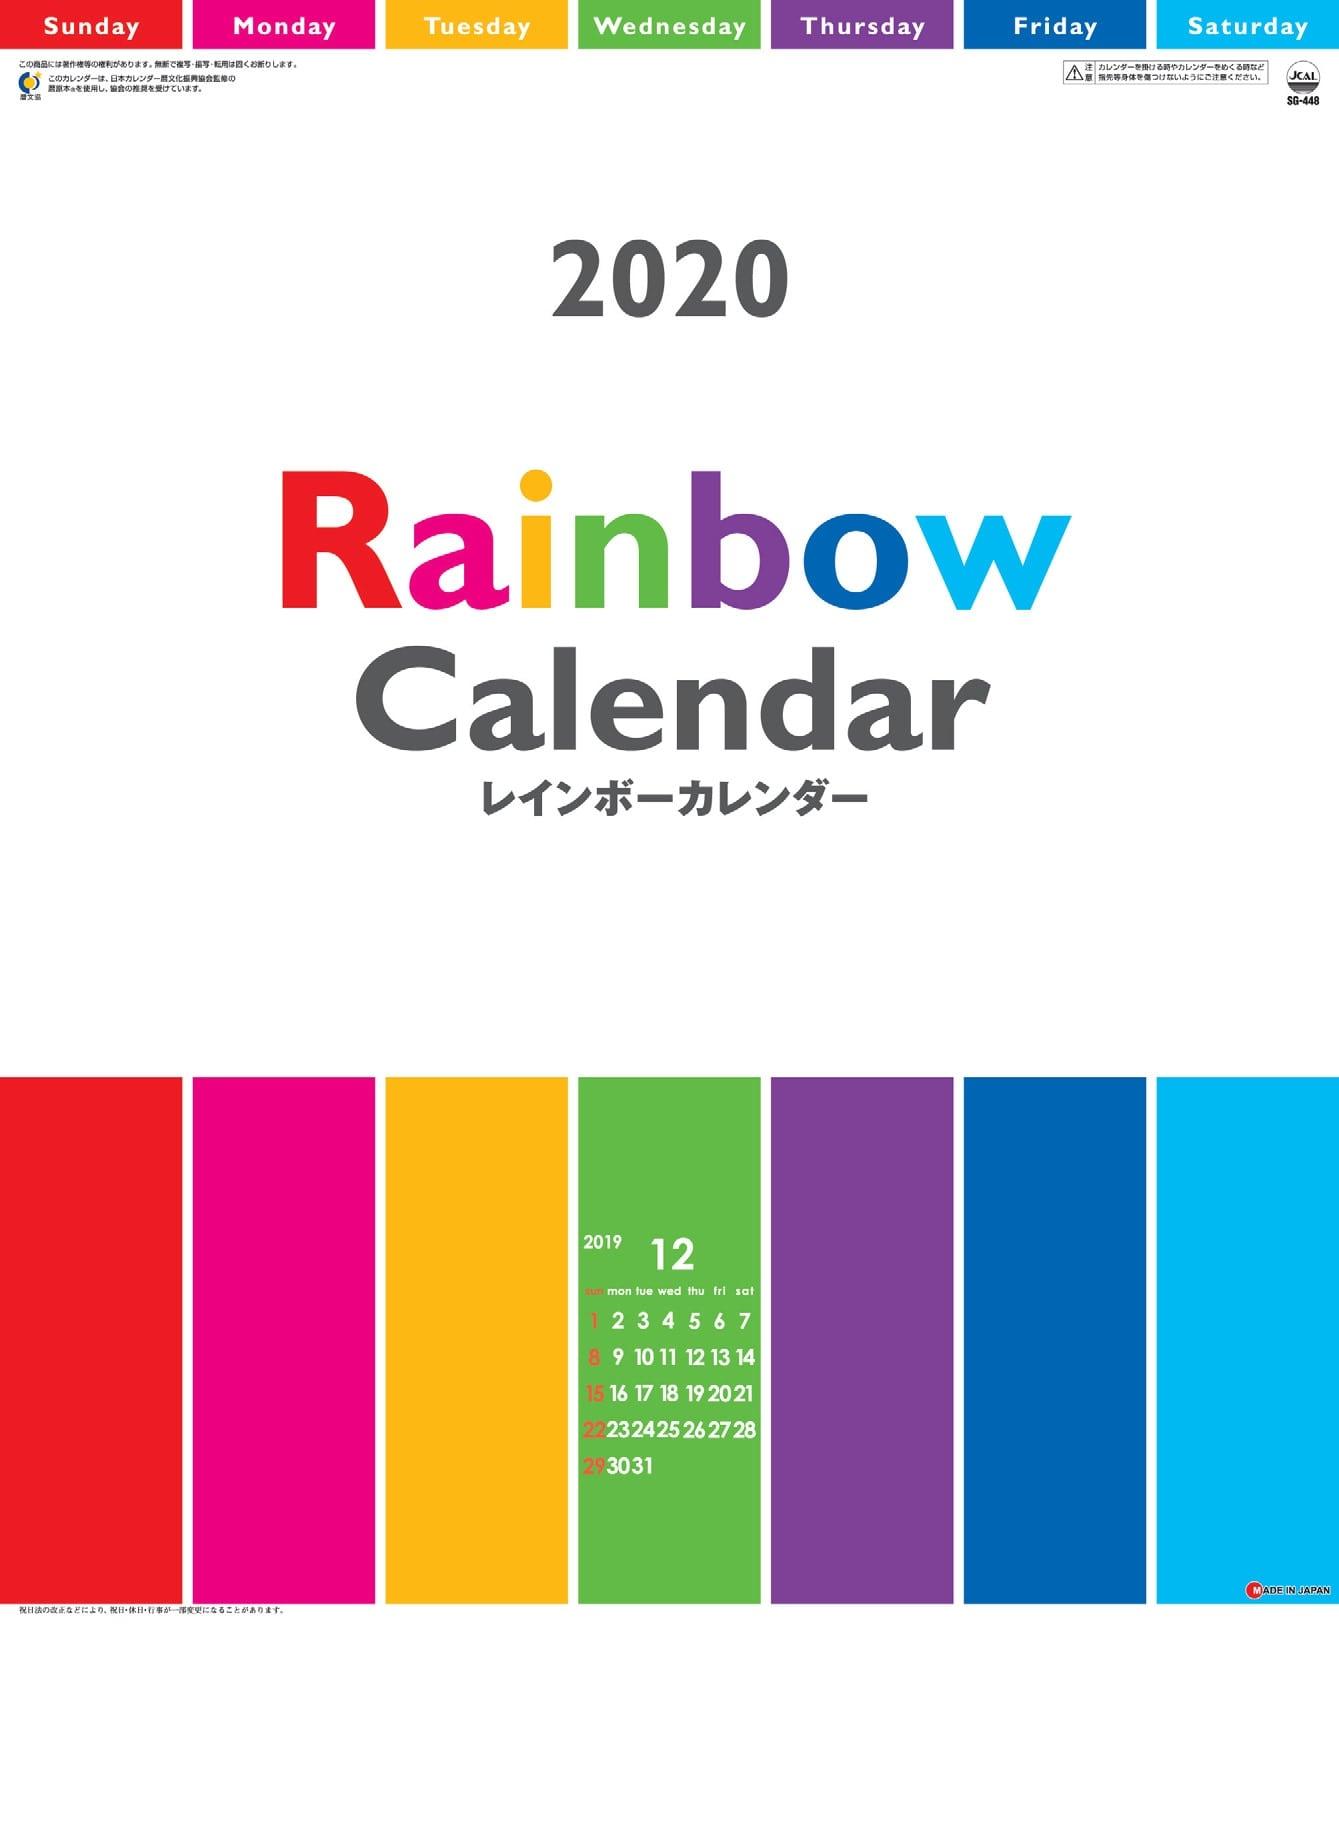 レインボーカレンダー 2020年カレンダー